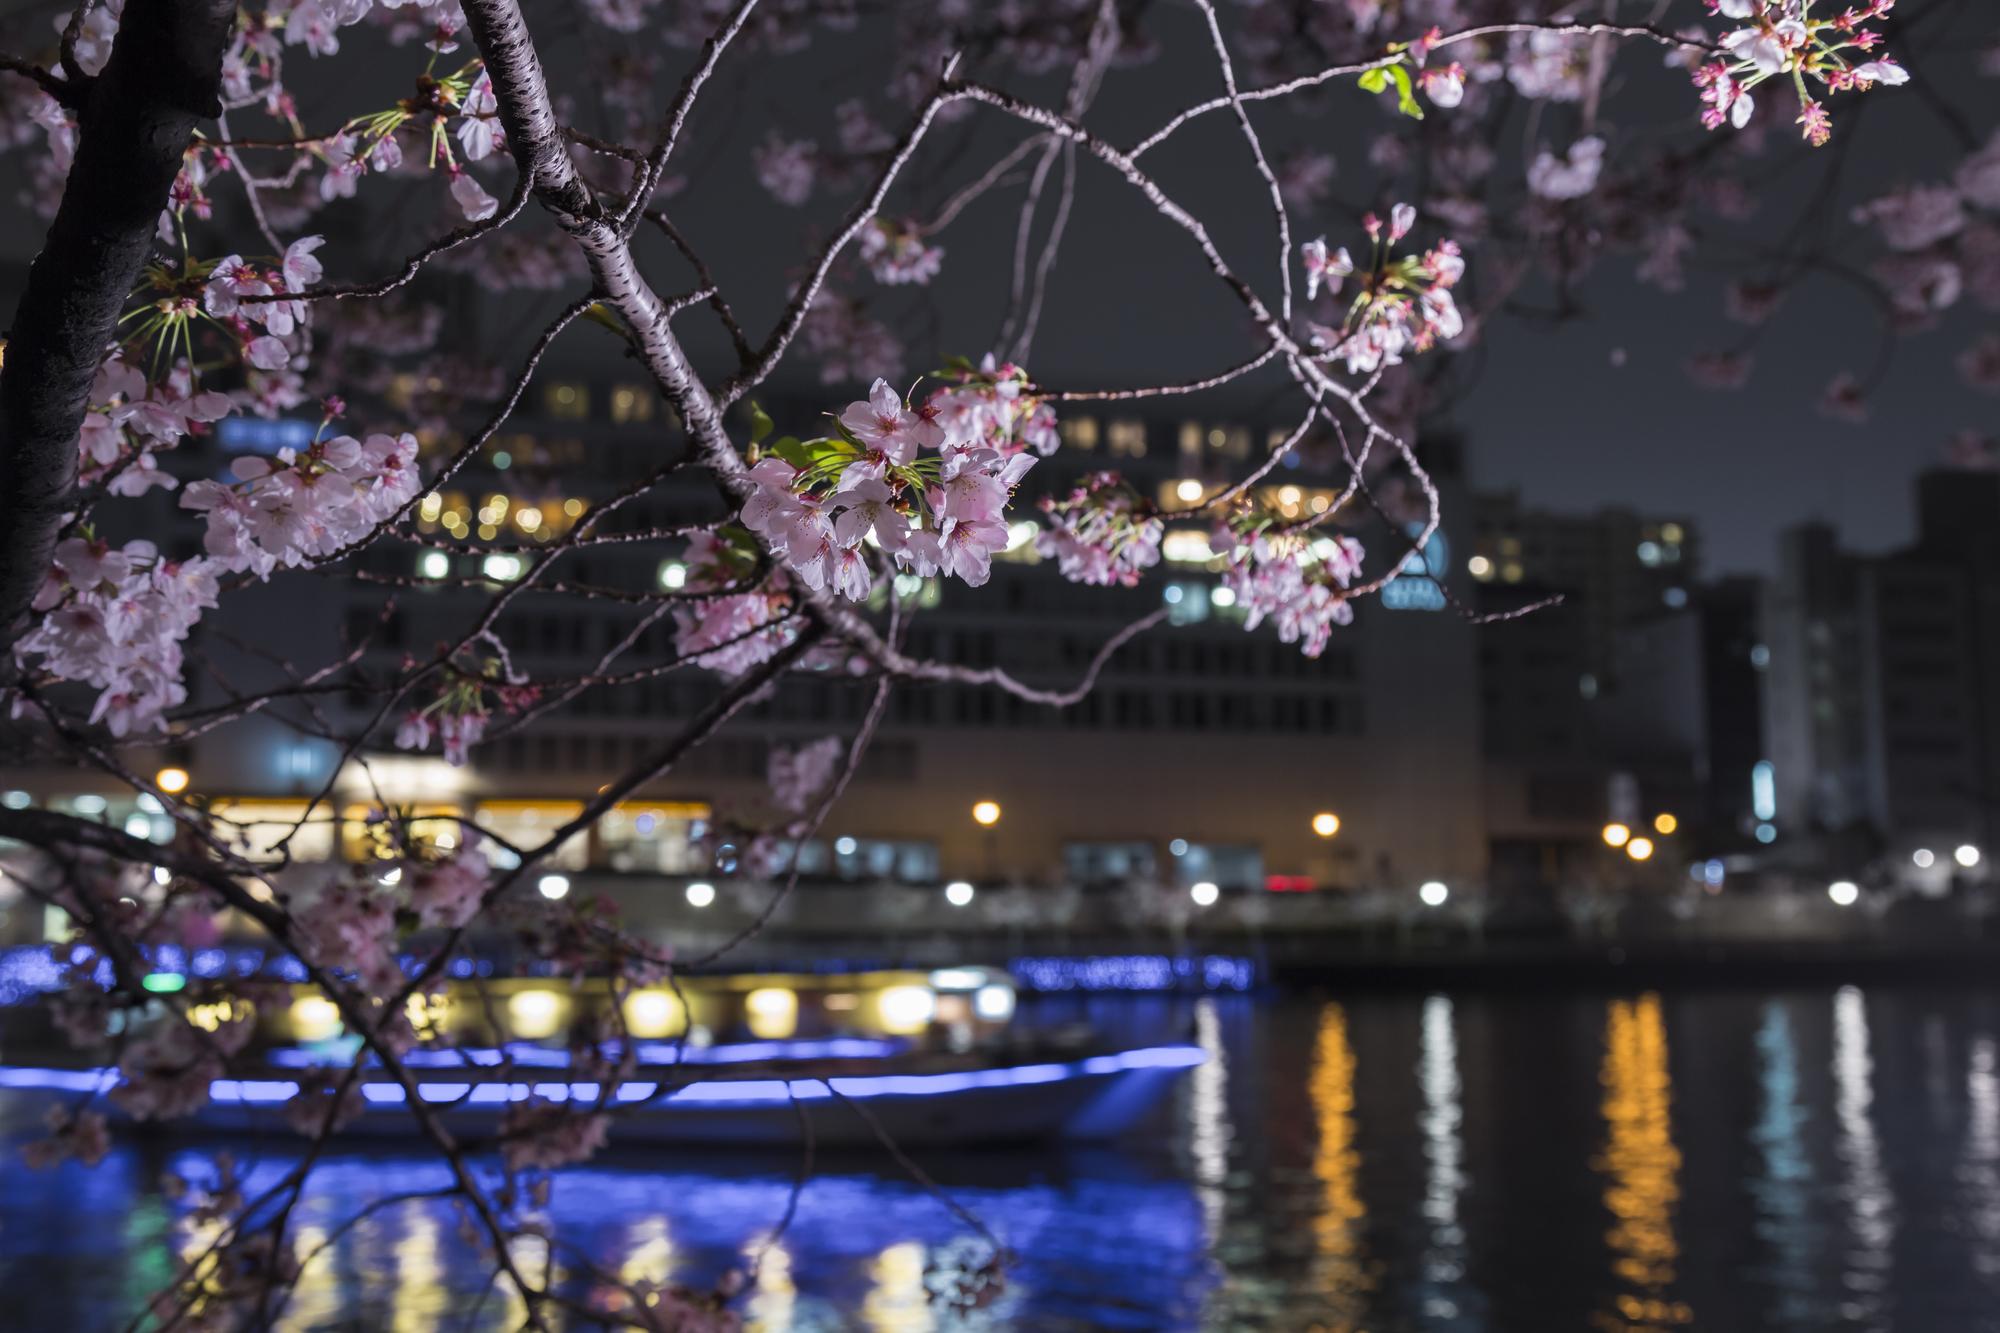 ライトアップされた屋形船と美しい夜桜